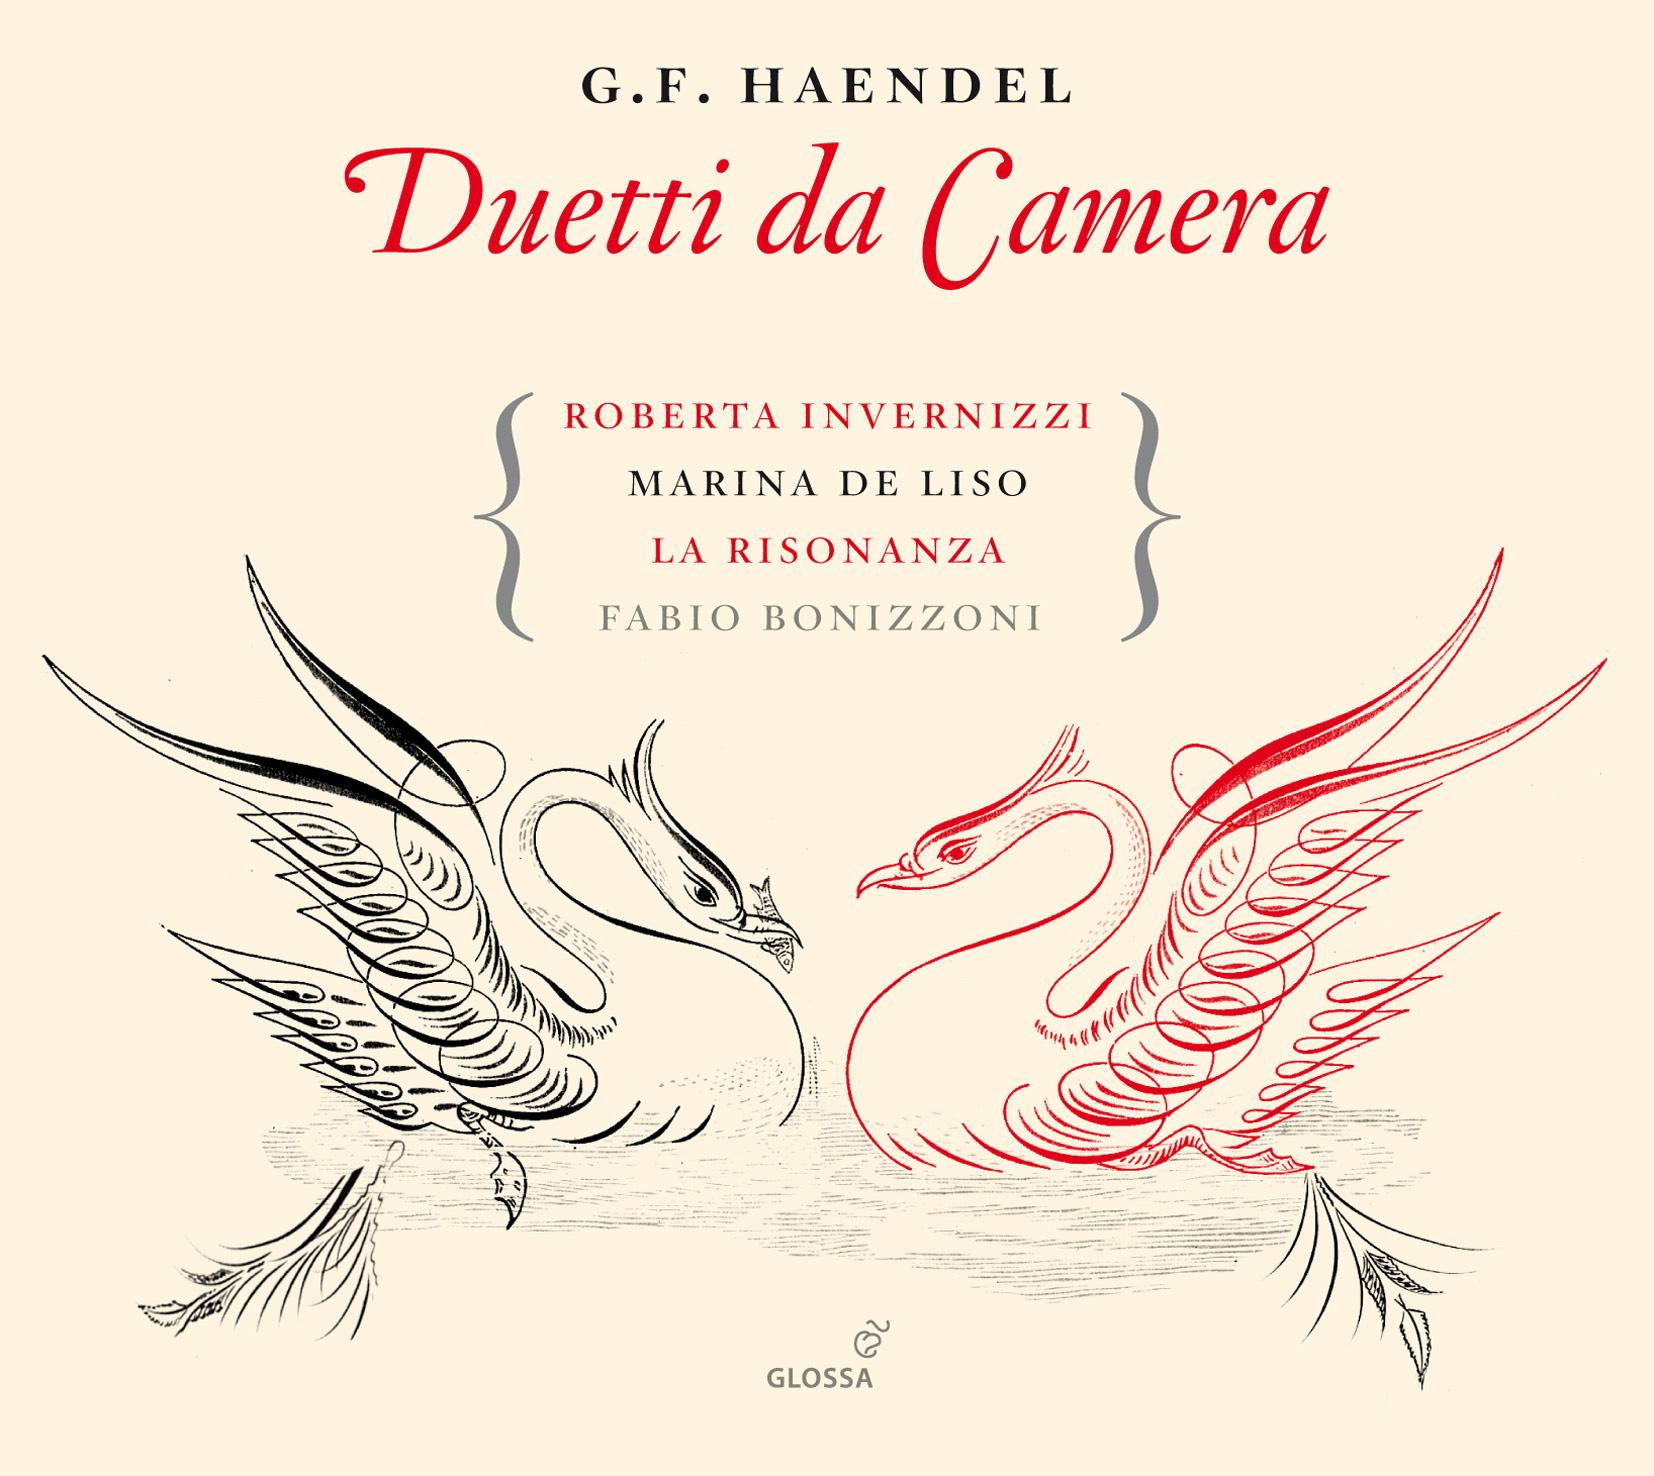 GEORG FRIEDRICH HAENDEL Duetti da Camera. Roberta Invernizzi ...